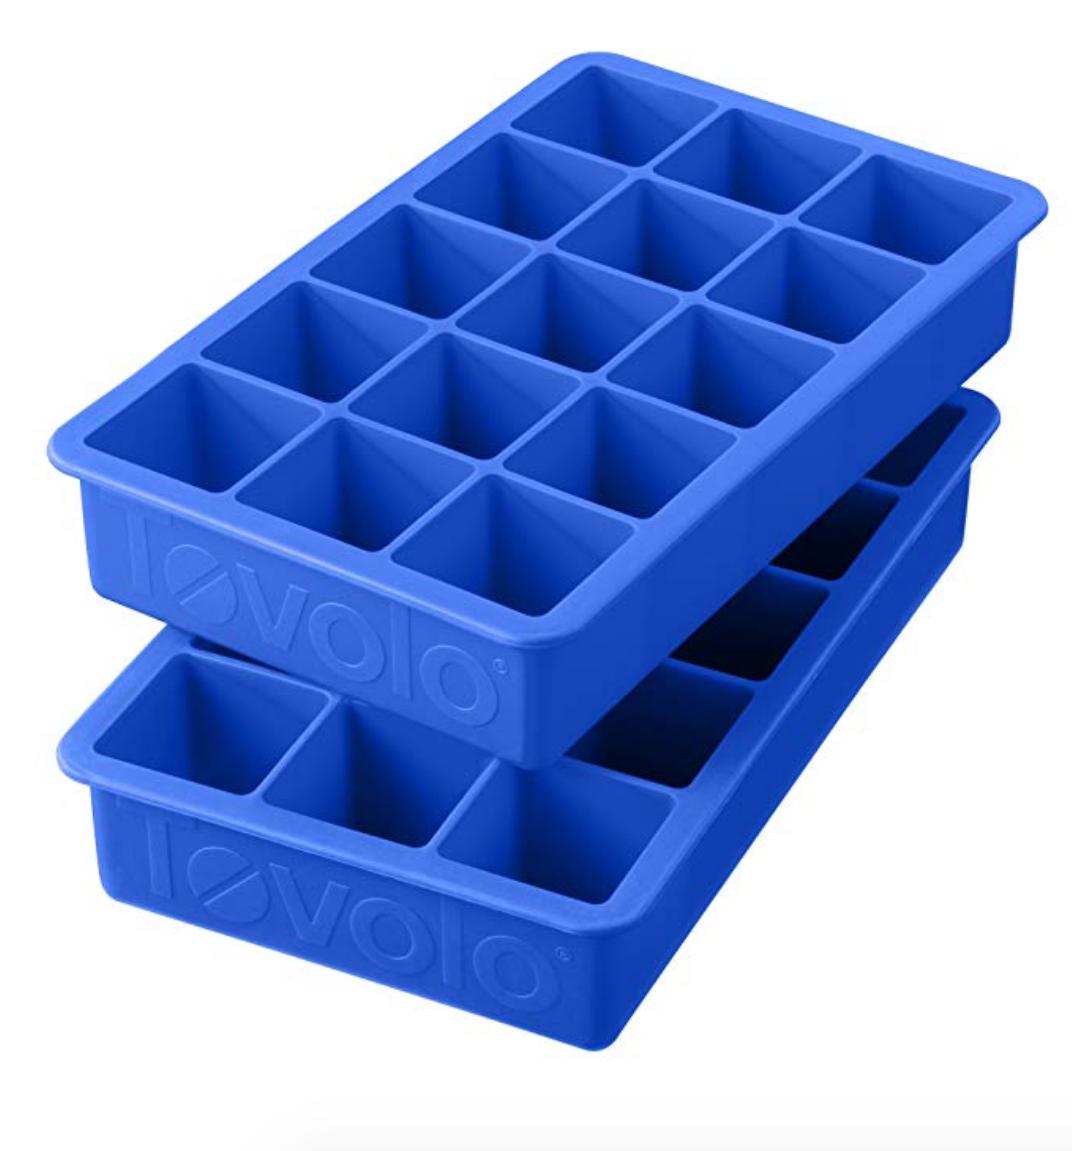 Tovolo Ice Cube Trays